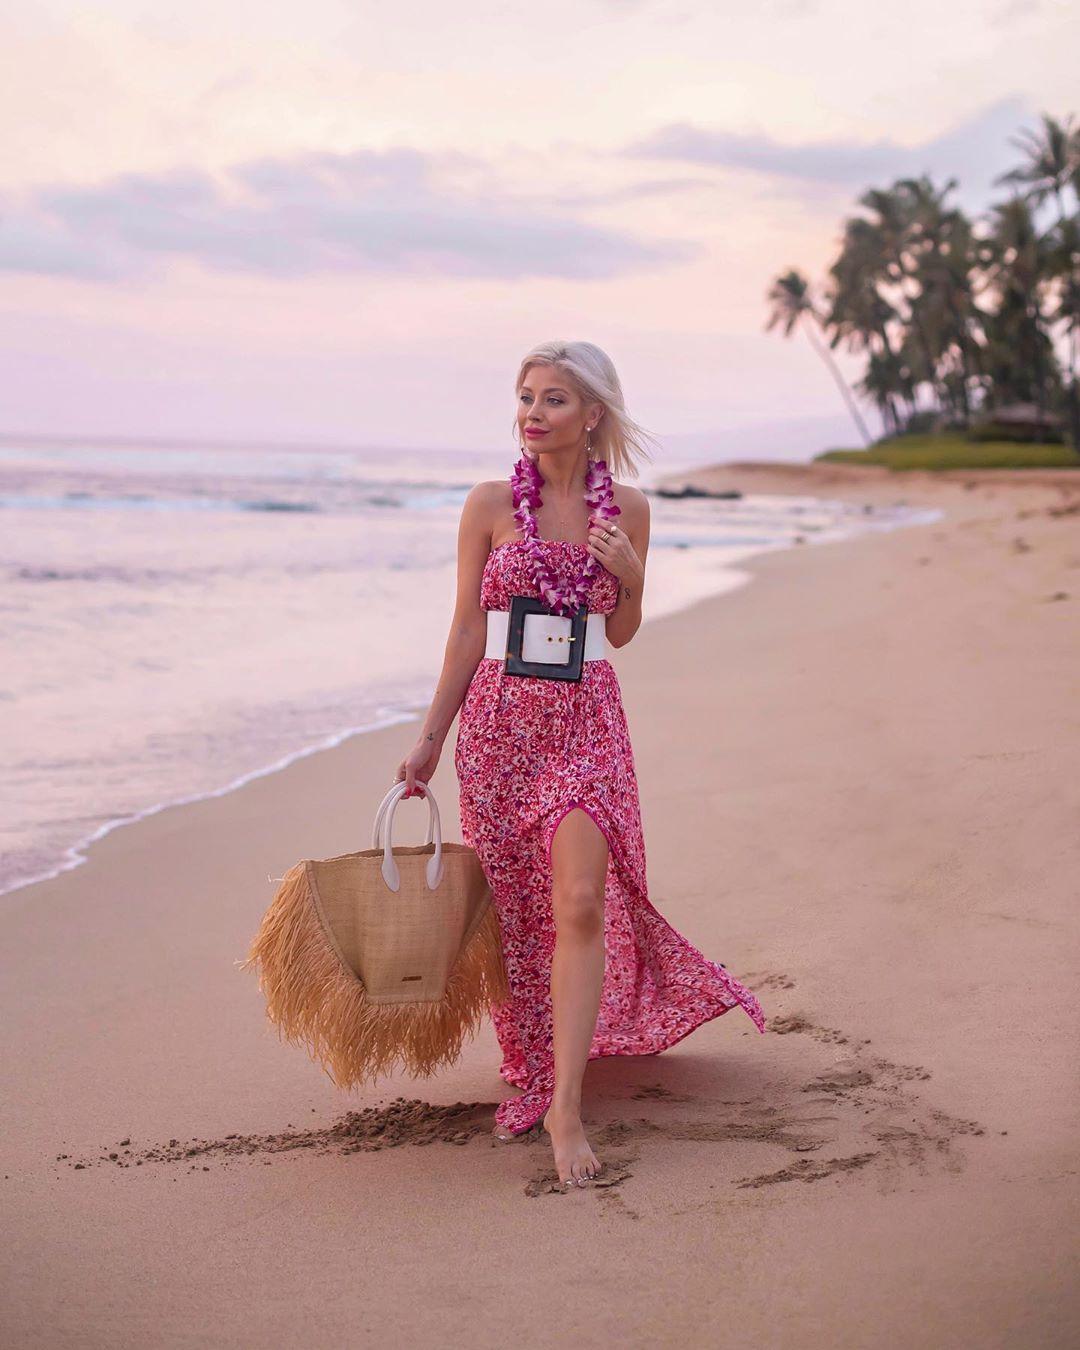 Váy mùa hè voan dài in hoa màu hồng, túi cói đi biển